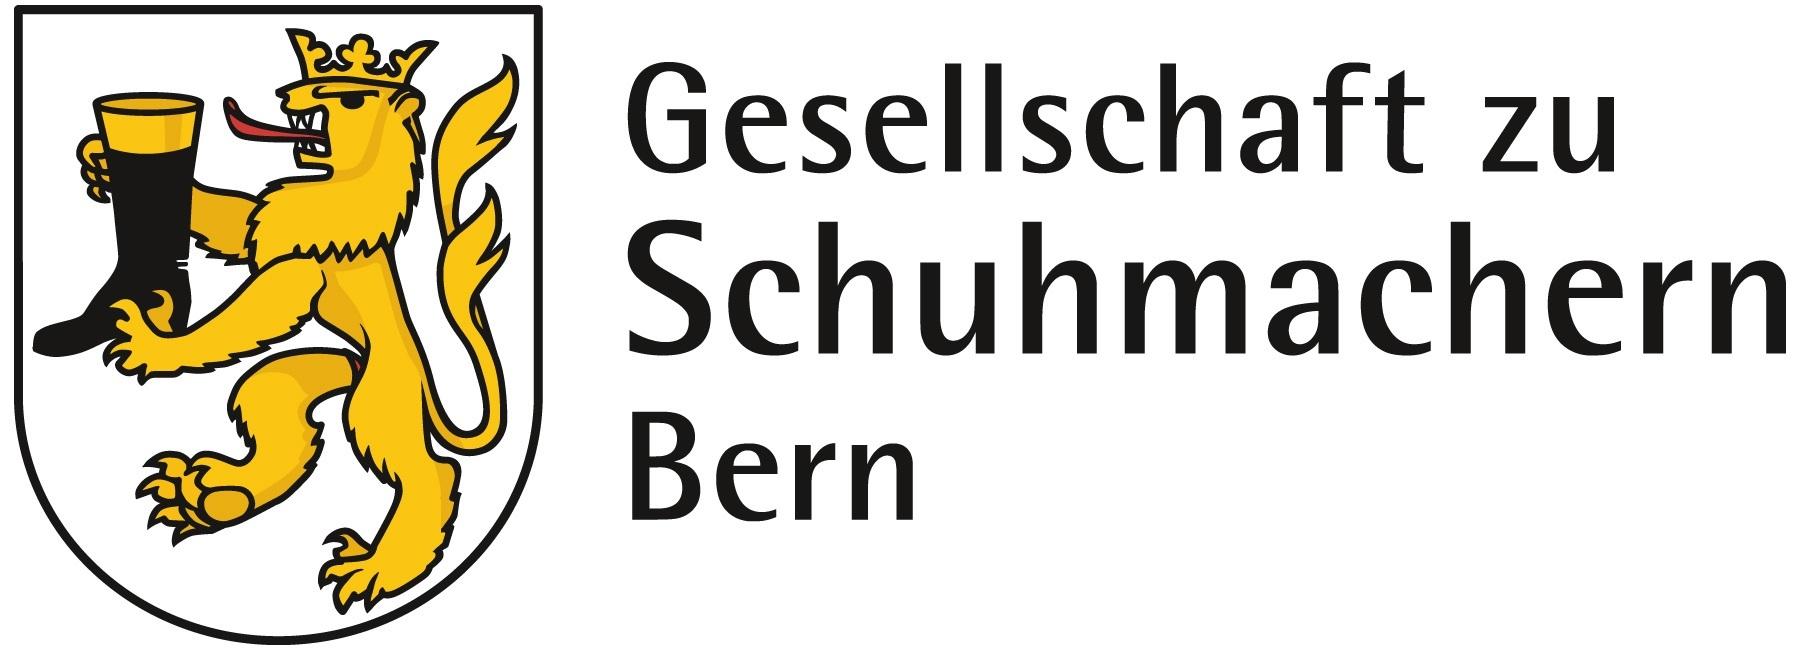 Gesellschaft zu Schuhmachern Bern (Picknick)